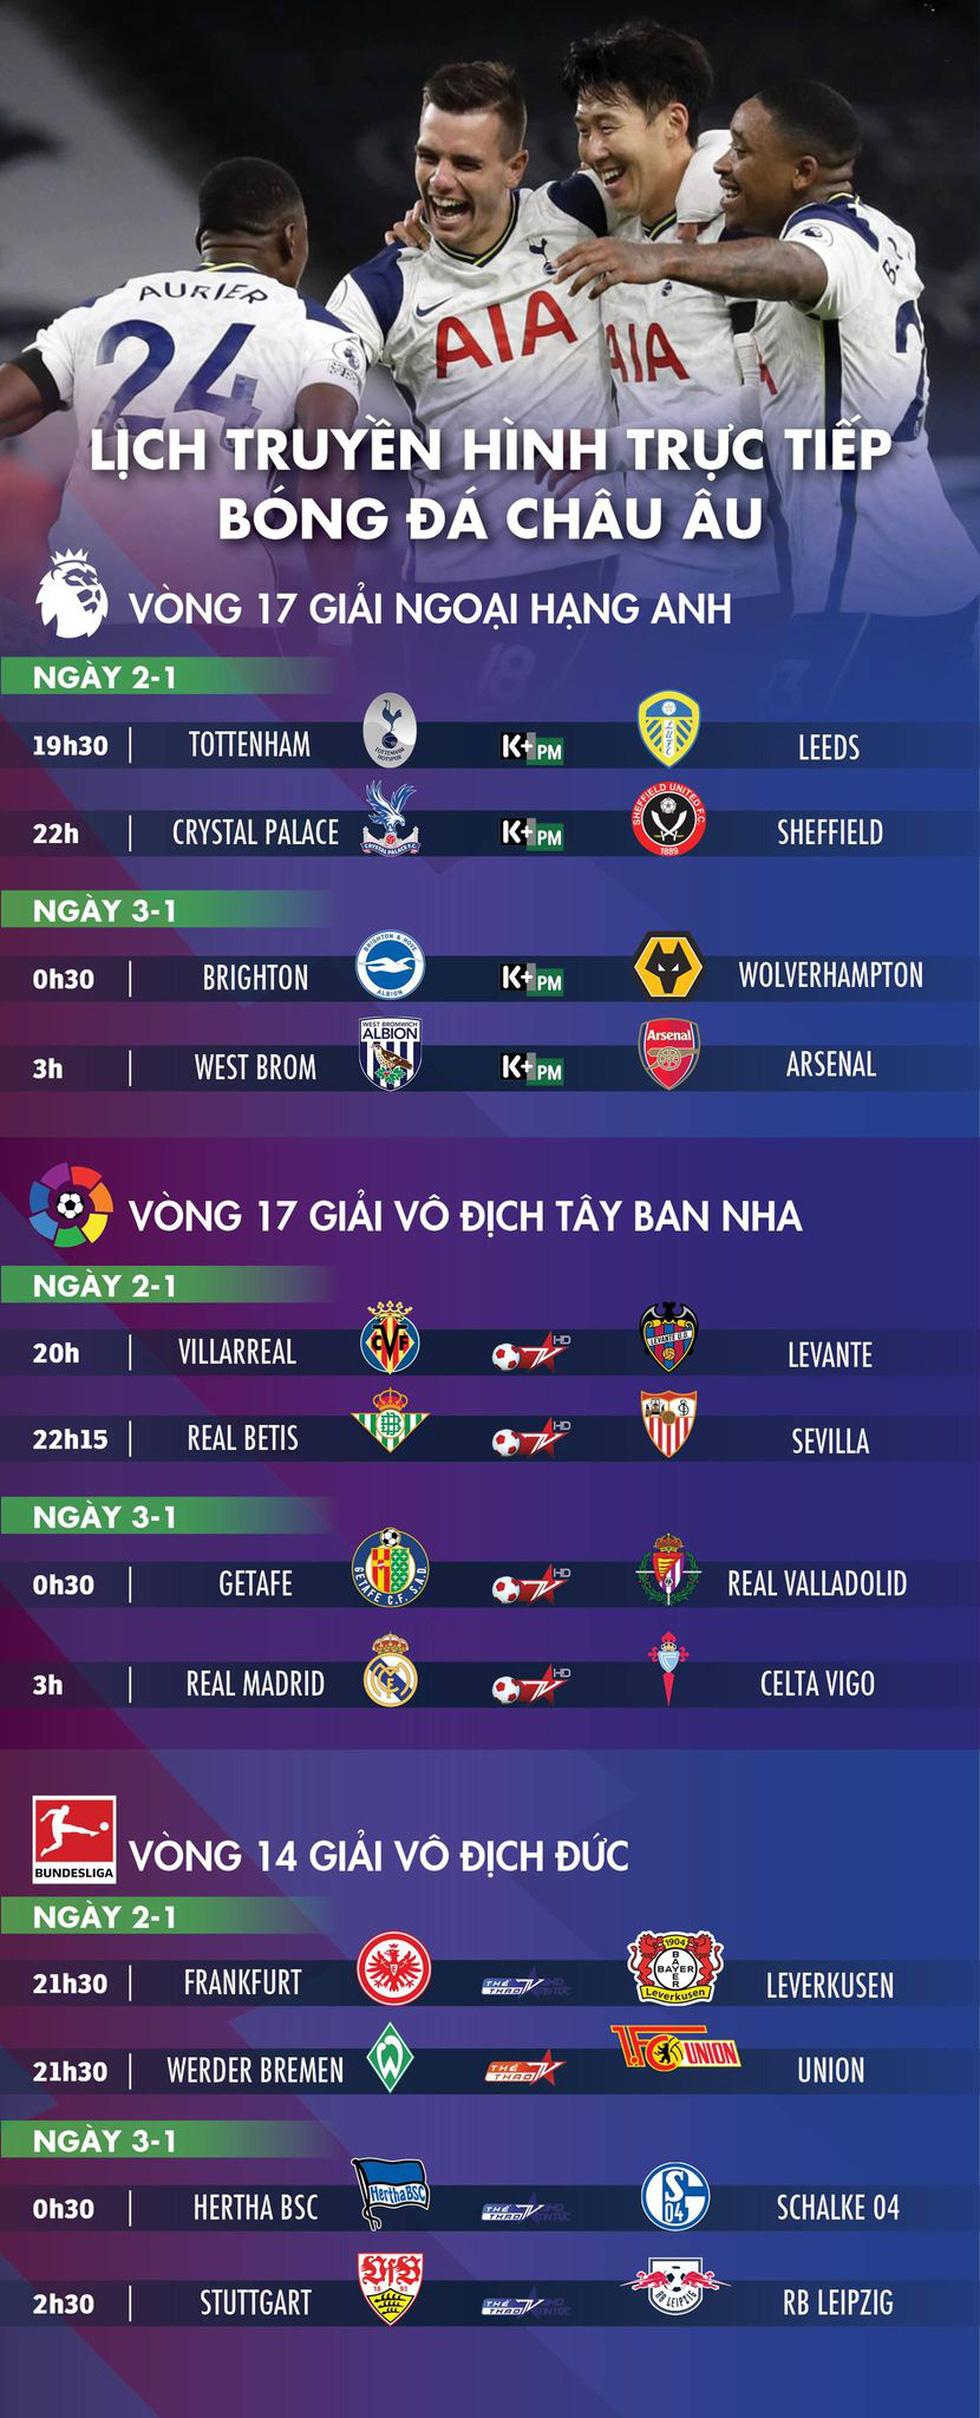 Lịch trực tiếp bóng đá châu Âu 2-1: Tottenham, Arsenal và Real Madrid thi đấu - Ảnh 1.